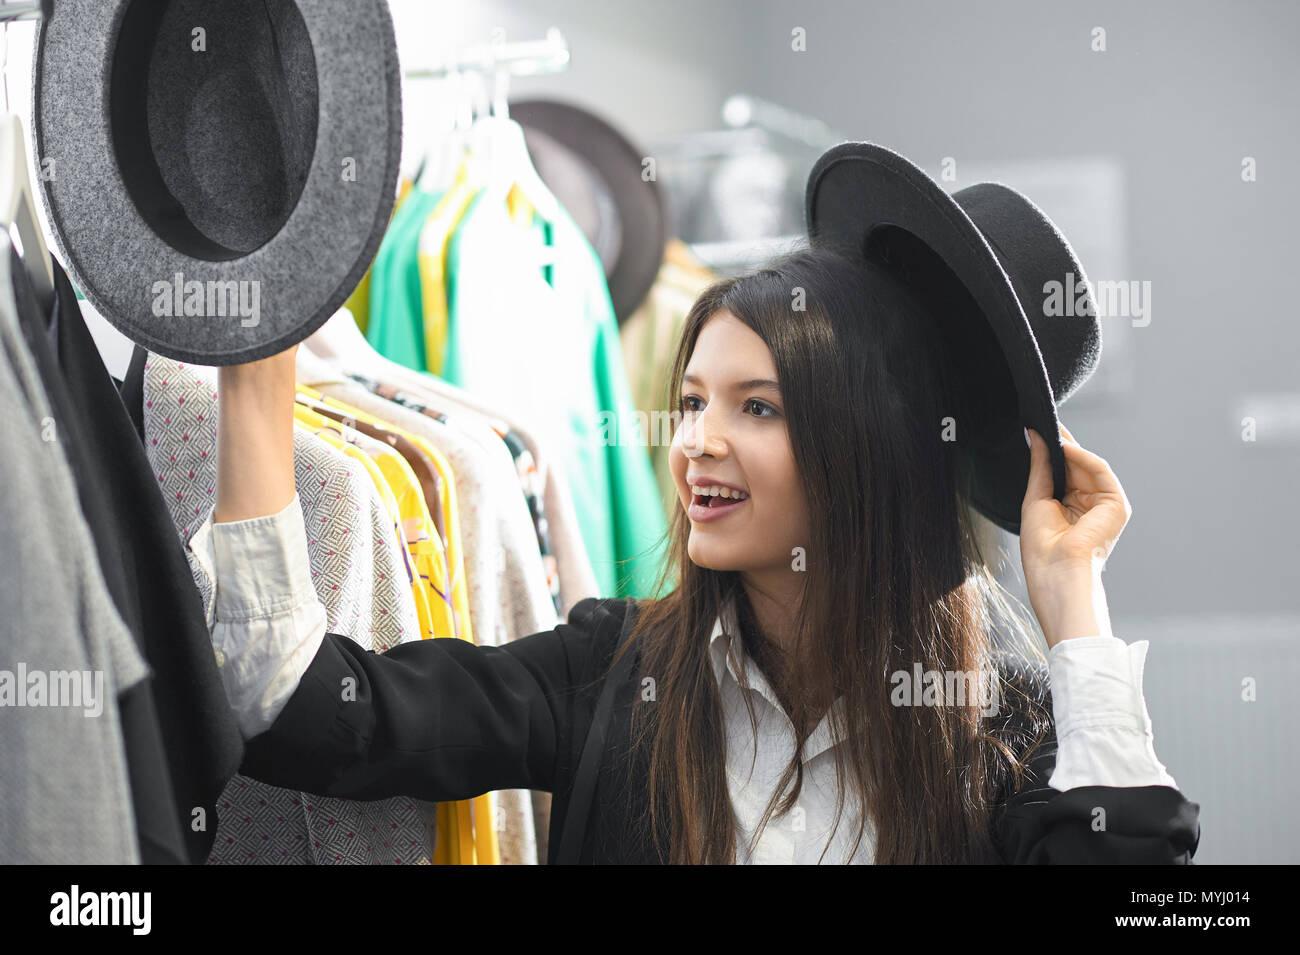 6237a4106254 Ragazza sorridente cercando su eleganti e moderni black hats in negozio di  abbigliamento. In piedi